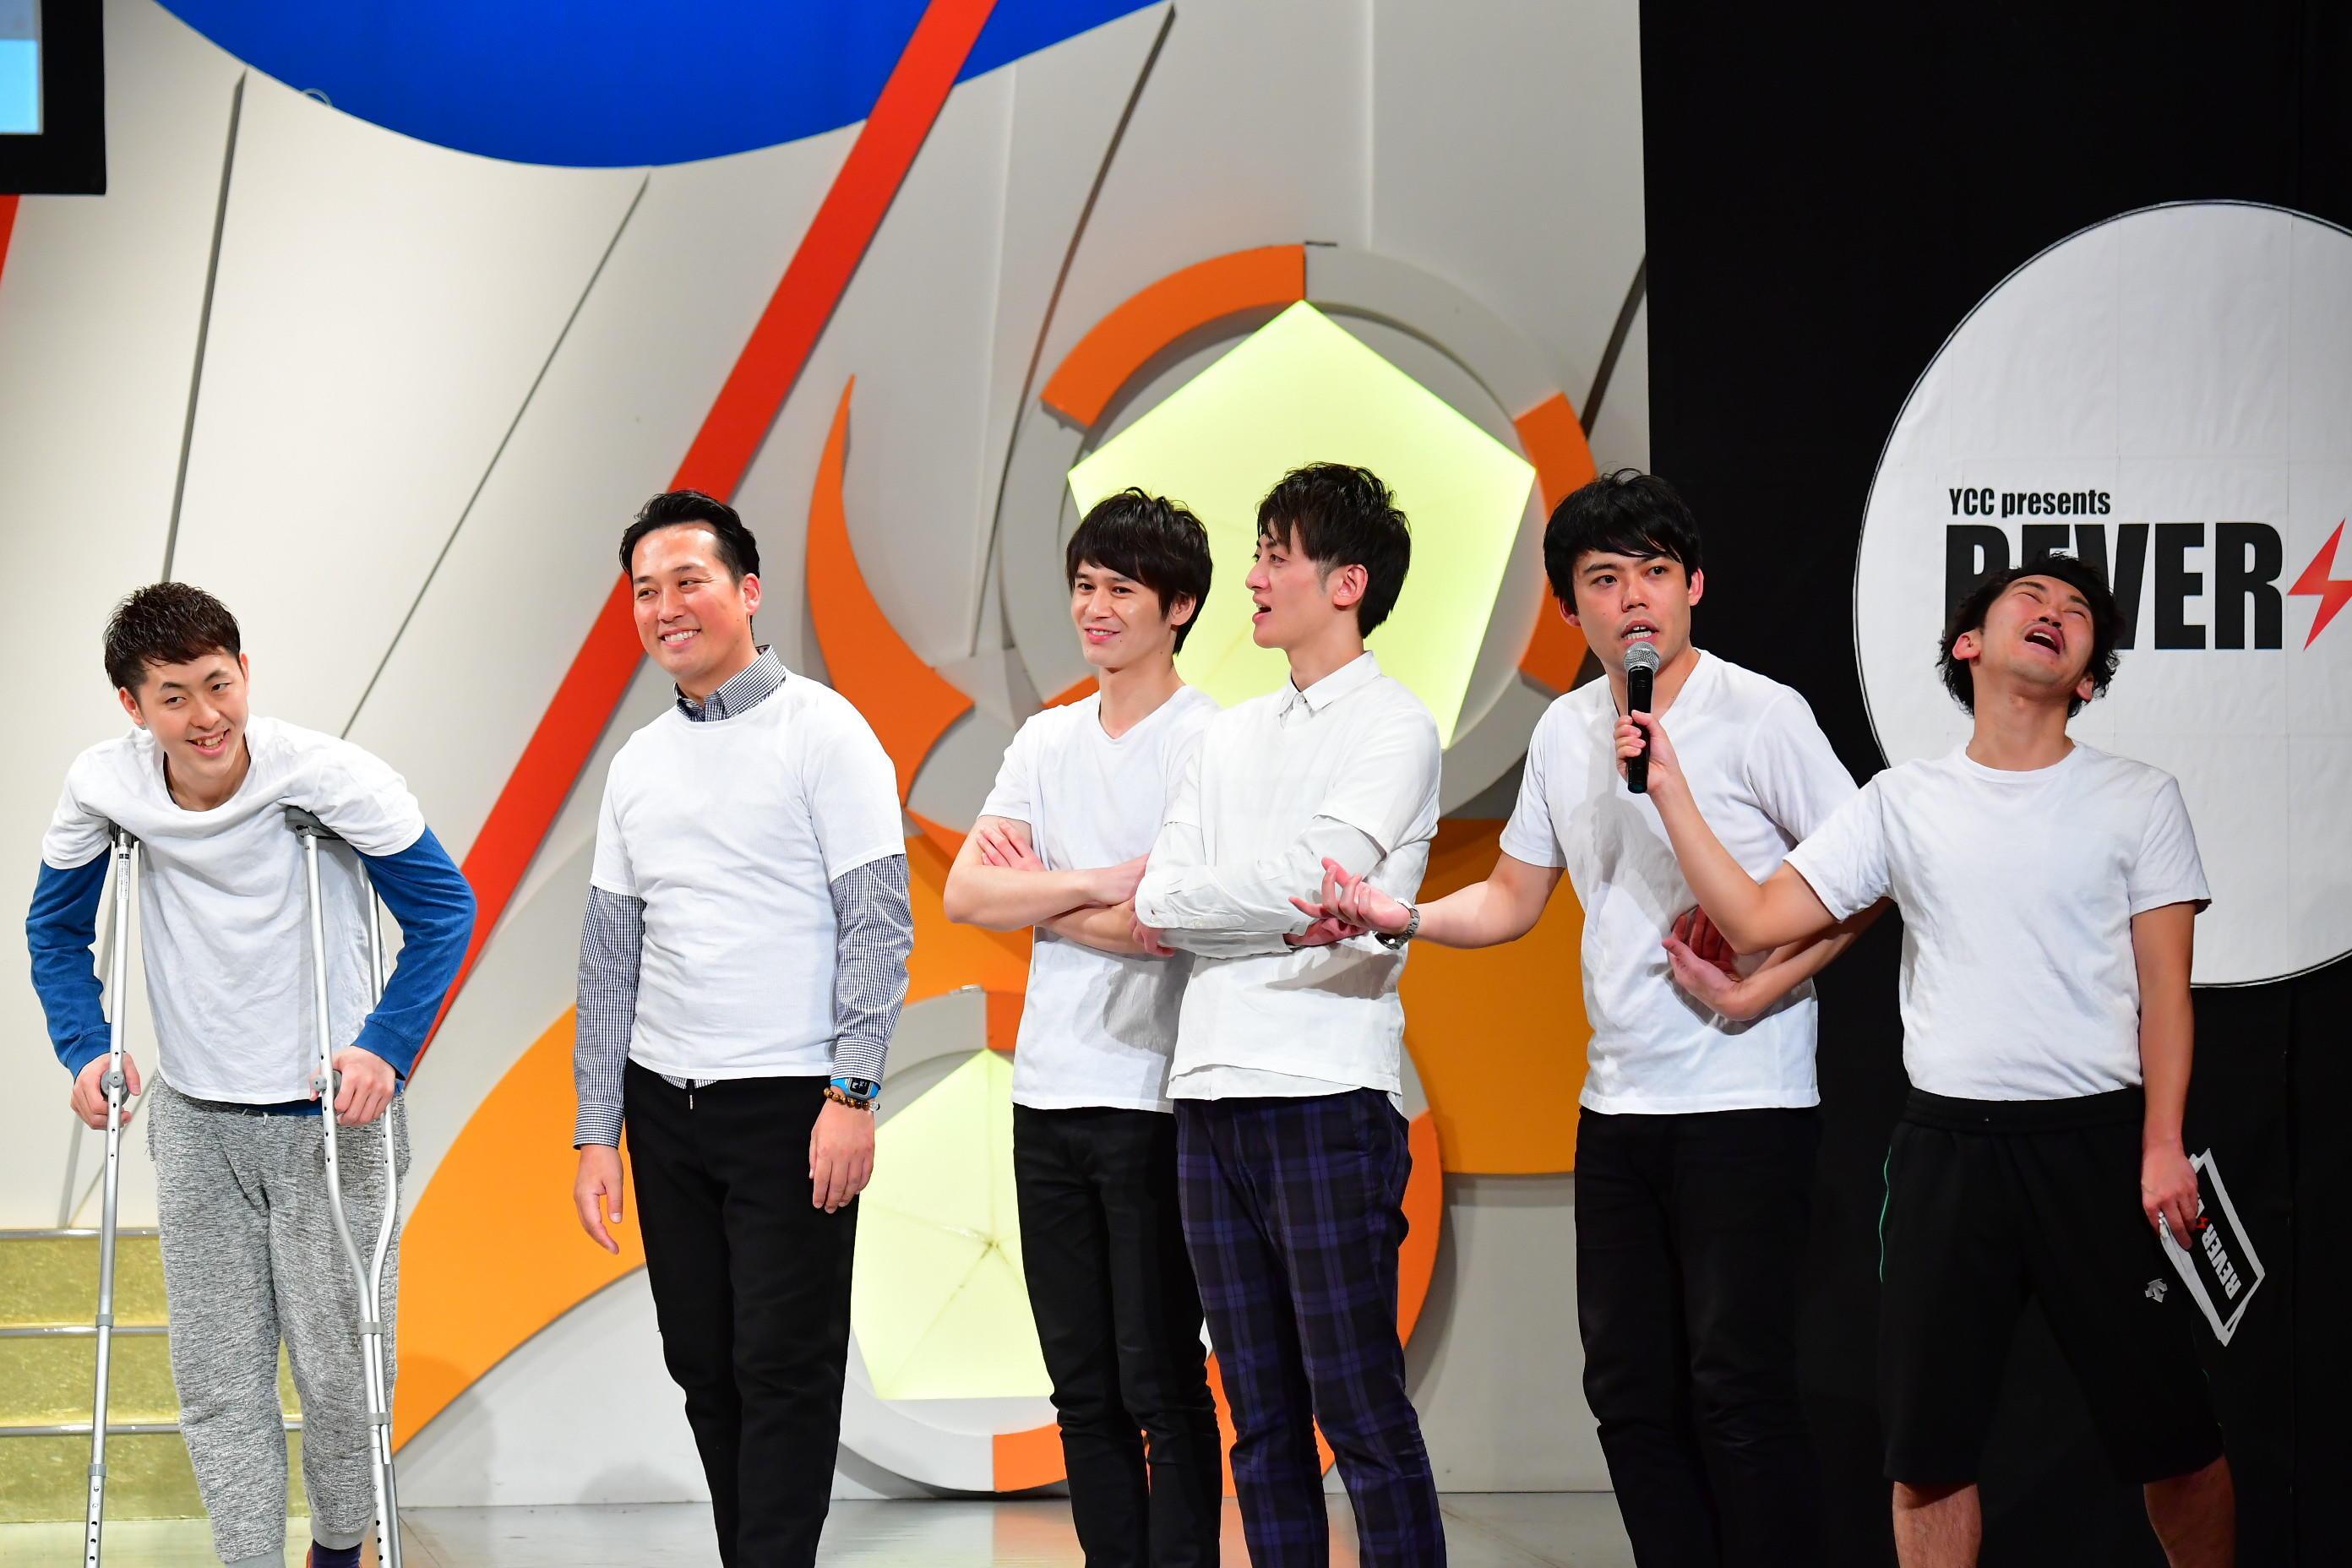 http://news.yoshimoto.co.jp/20180305134520-8a8ec1398fa54c2dbf57777f533757d23e405a27.jpg